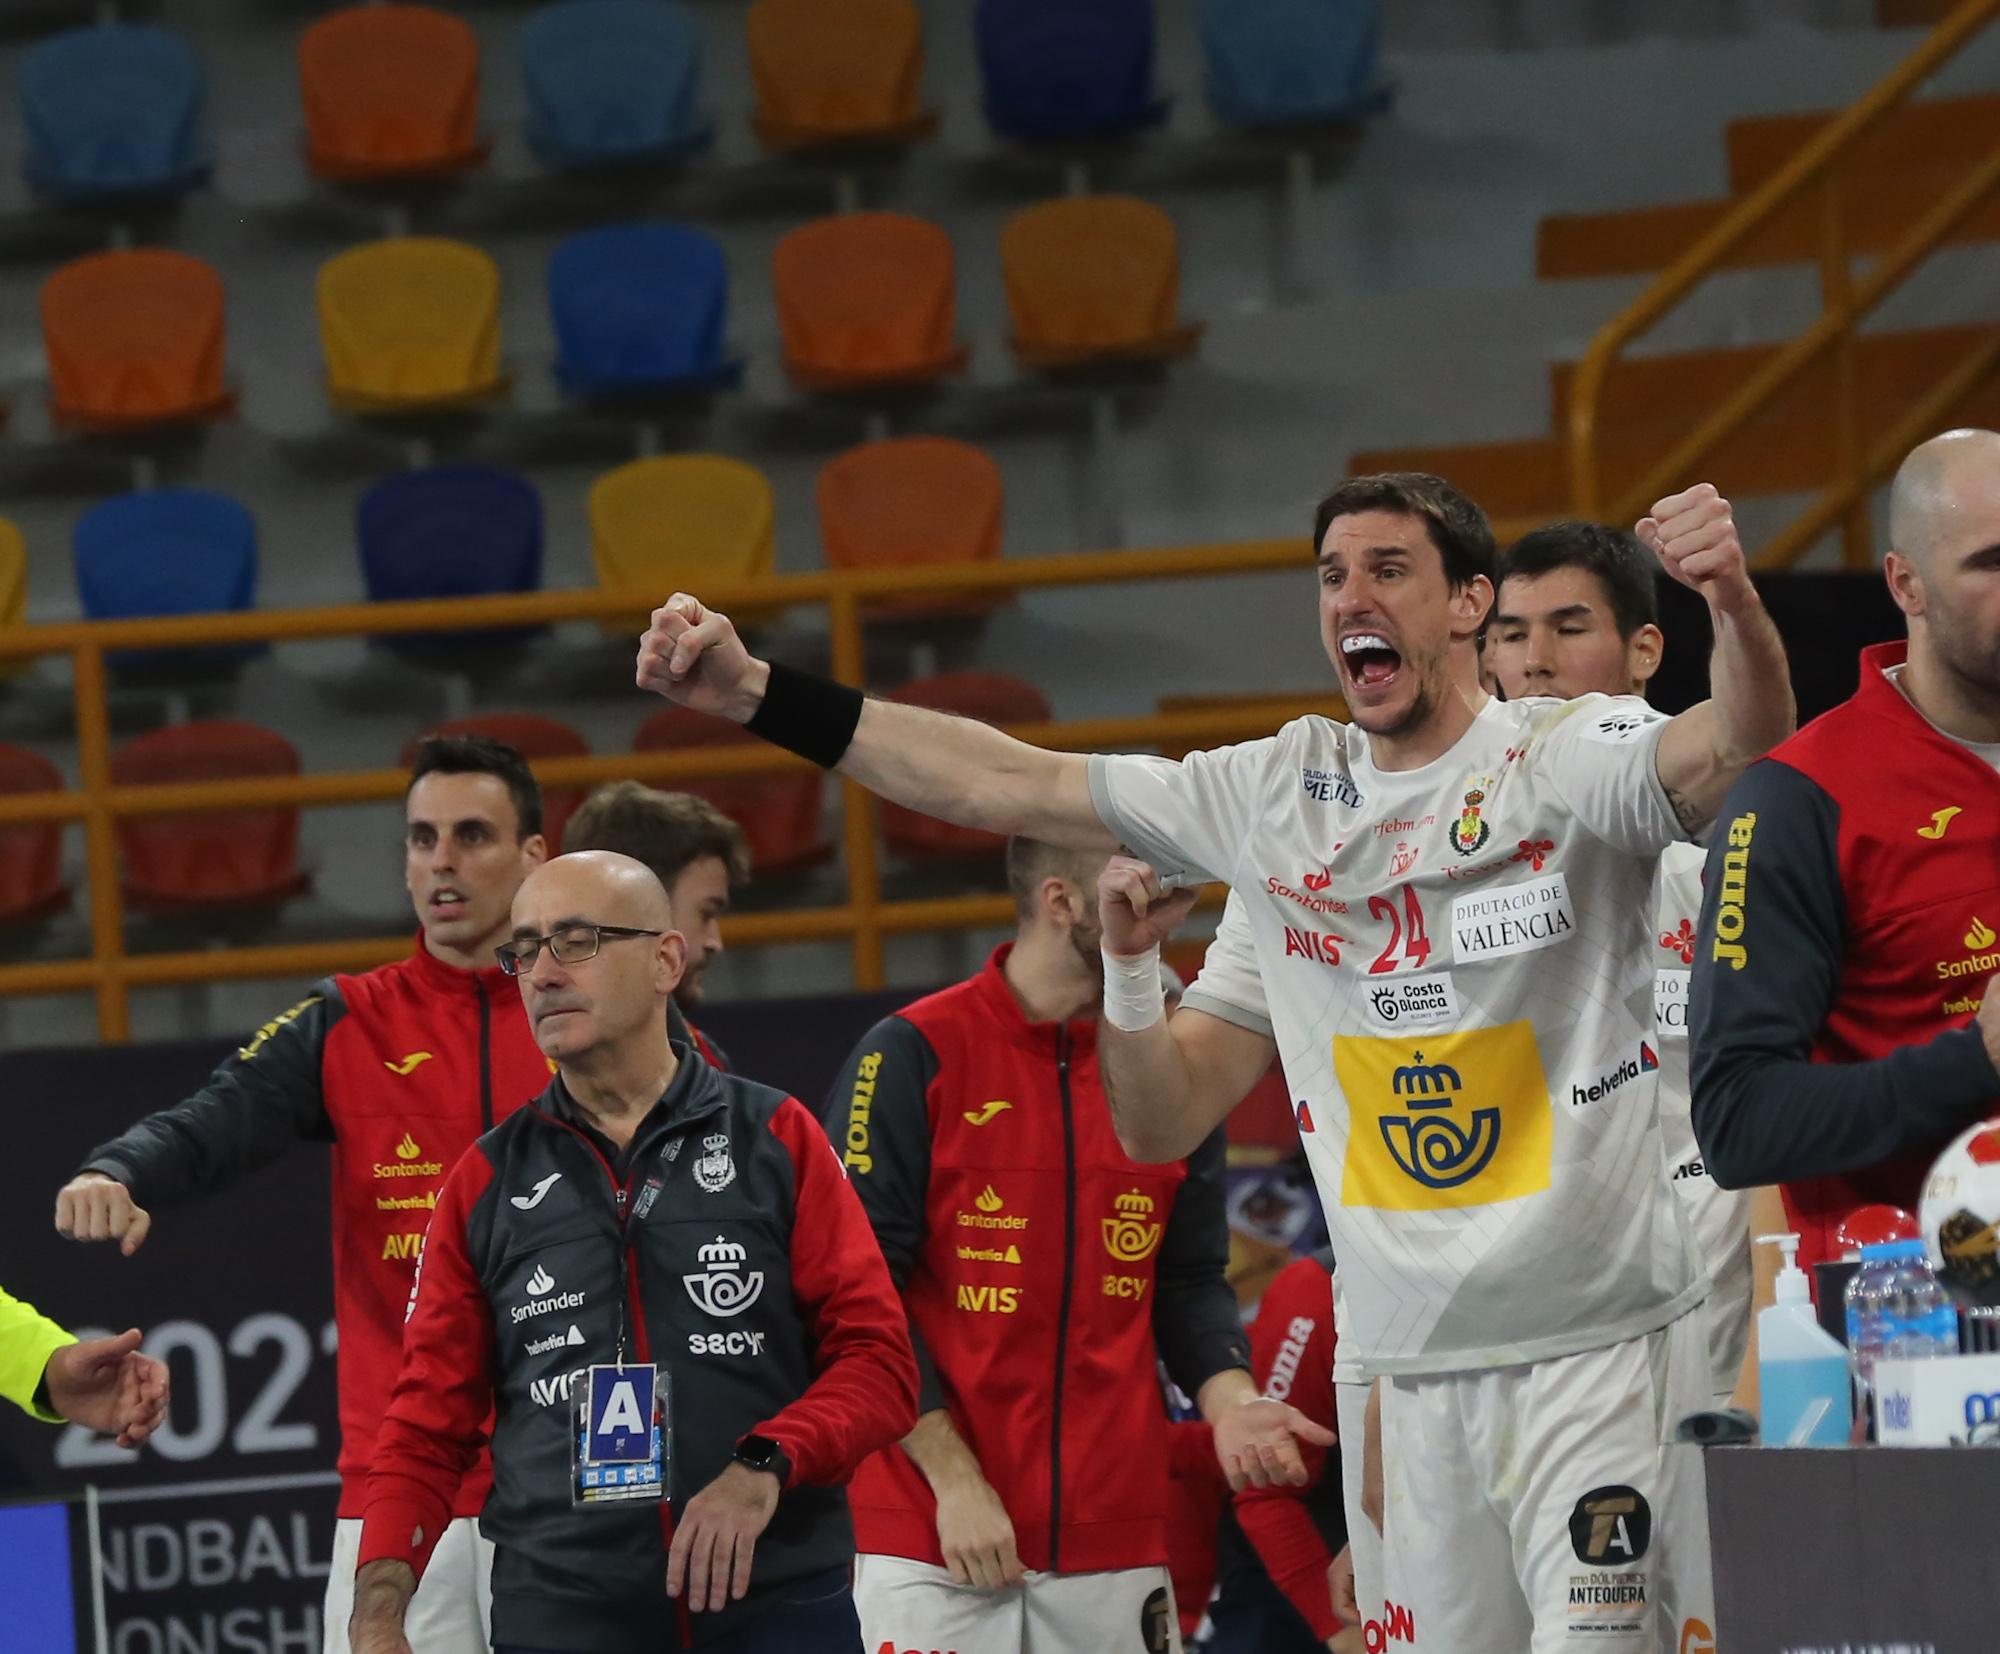 Spanyolország elődöntős, kiestek a norvégok